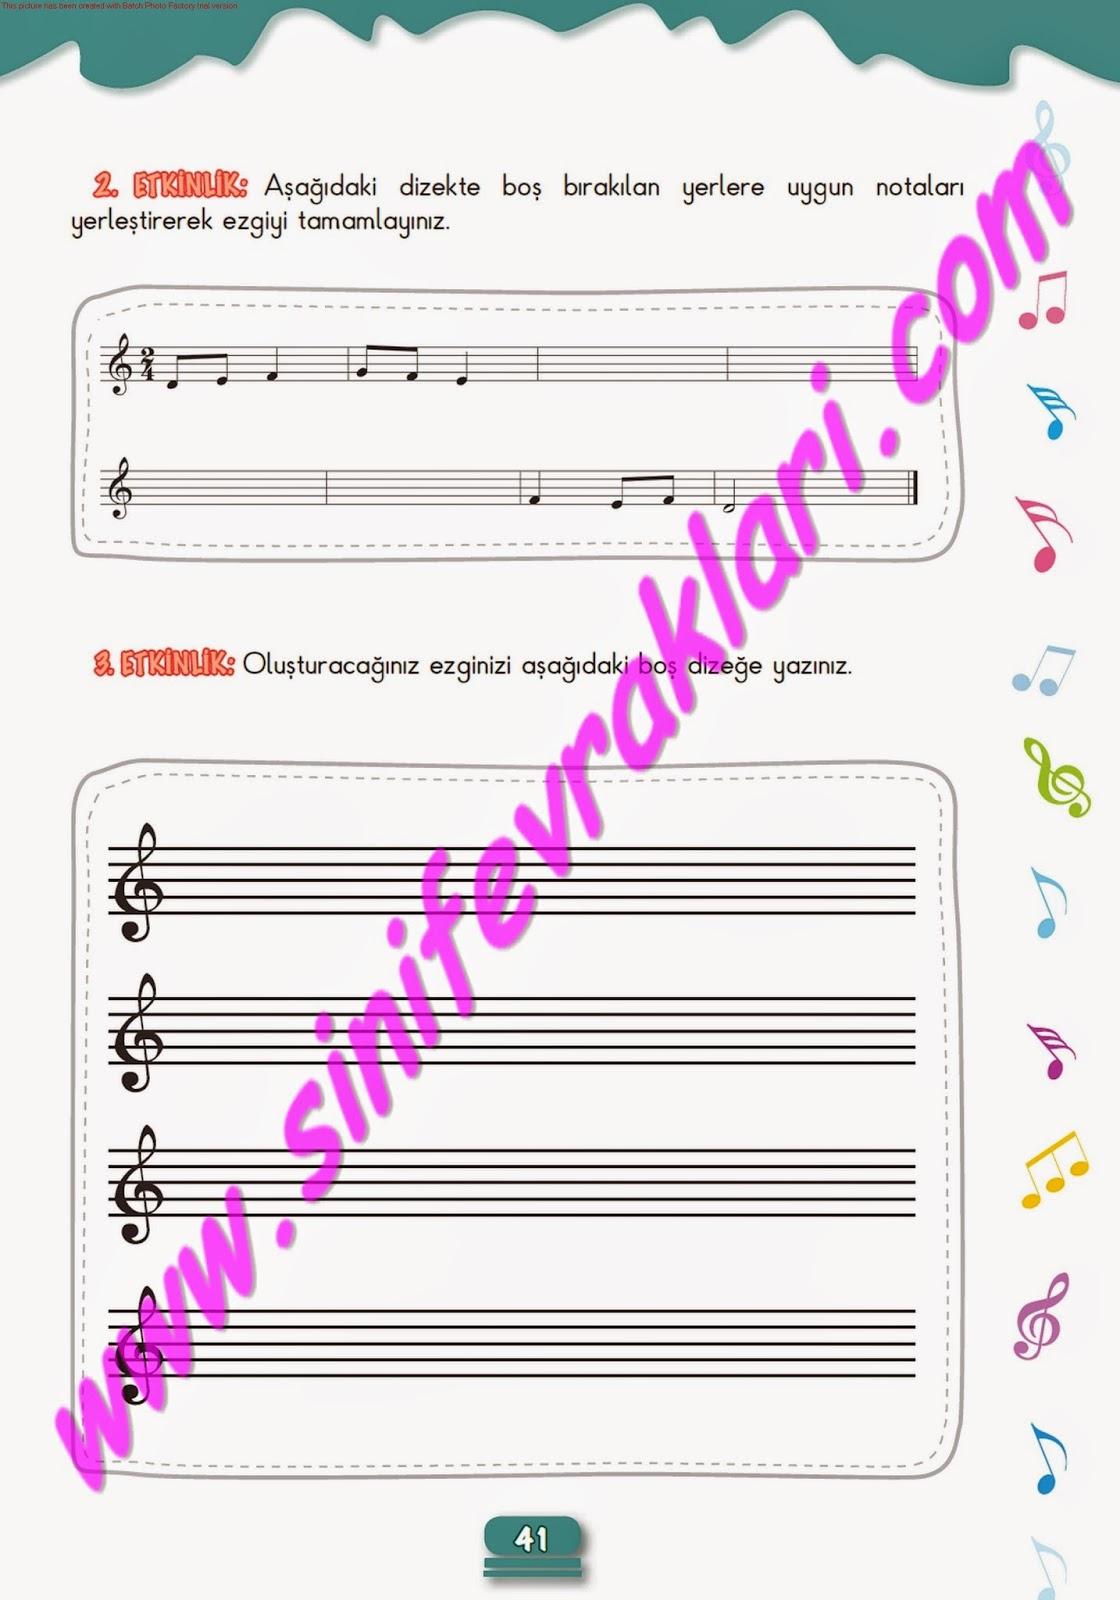 5sınıf Müzik çalışma Kitabı Cevapları Meb Yayınları Sayfa 41 Ders